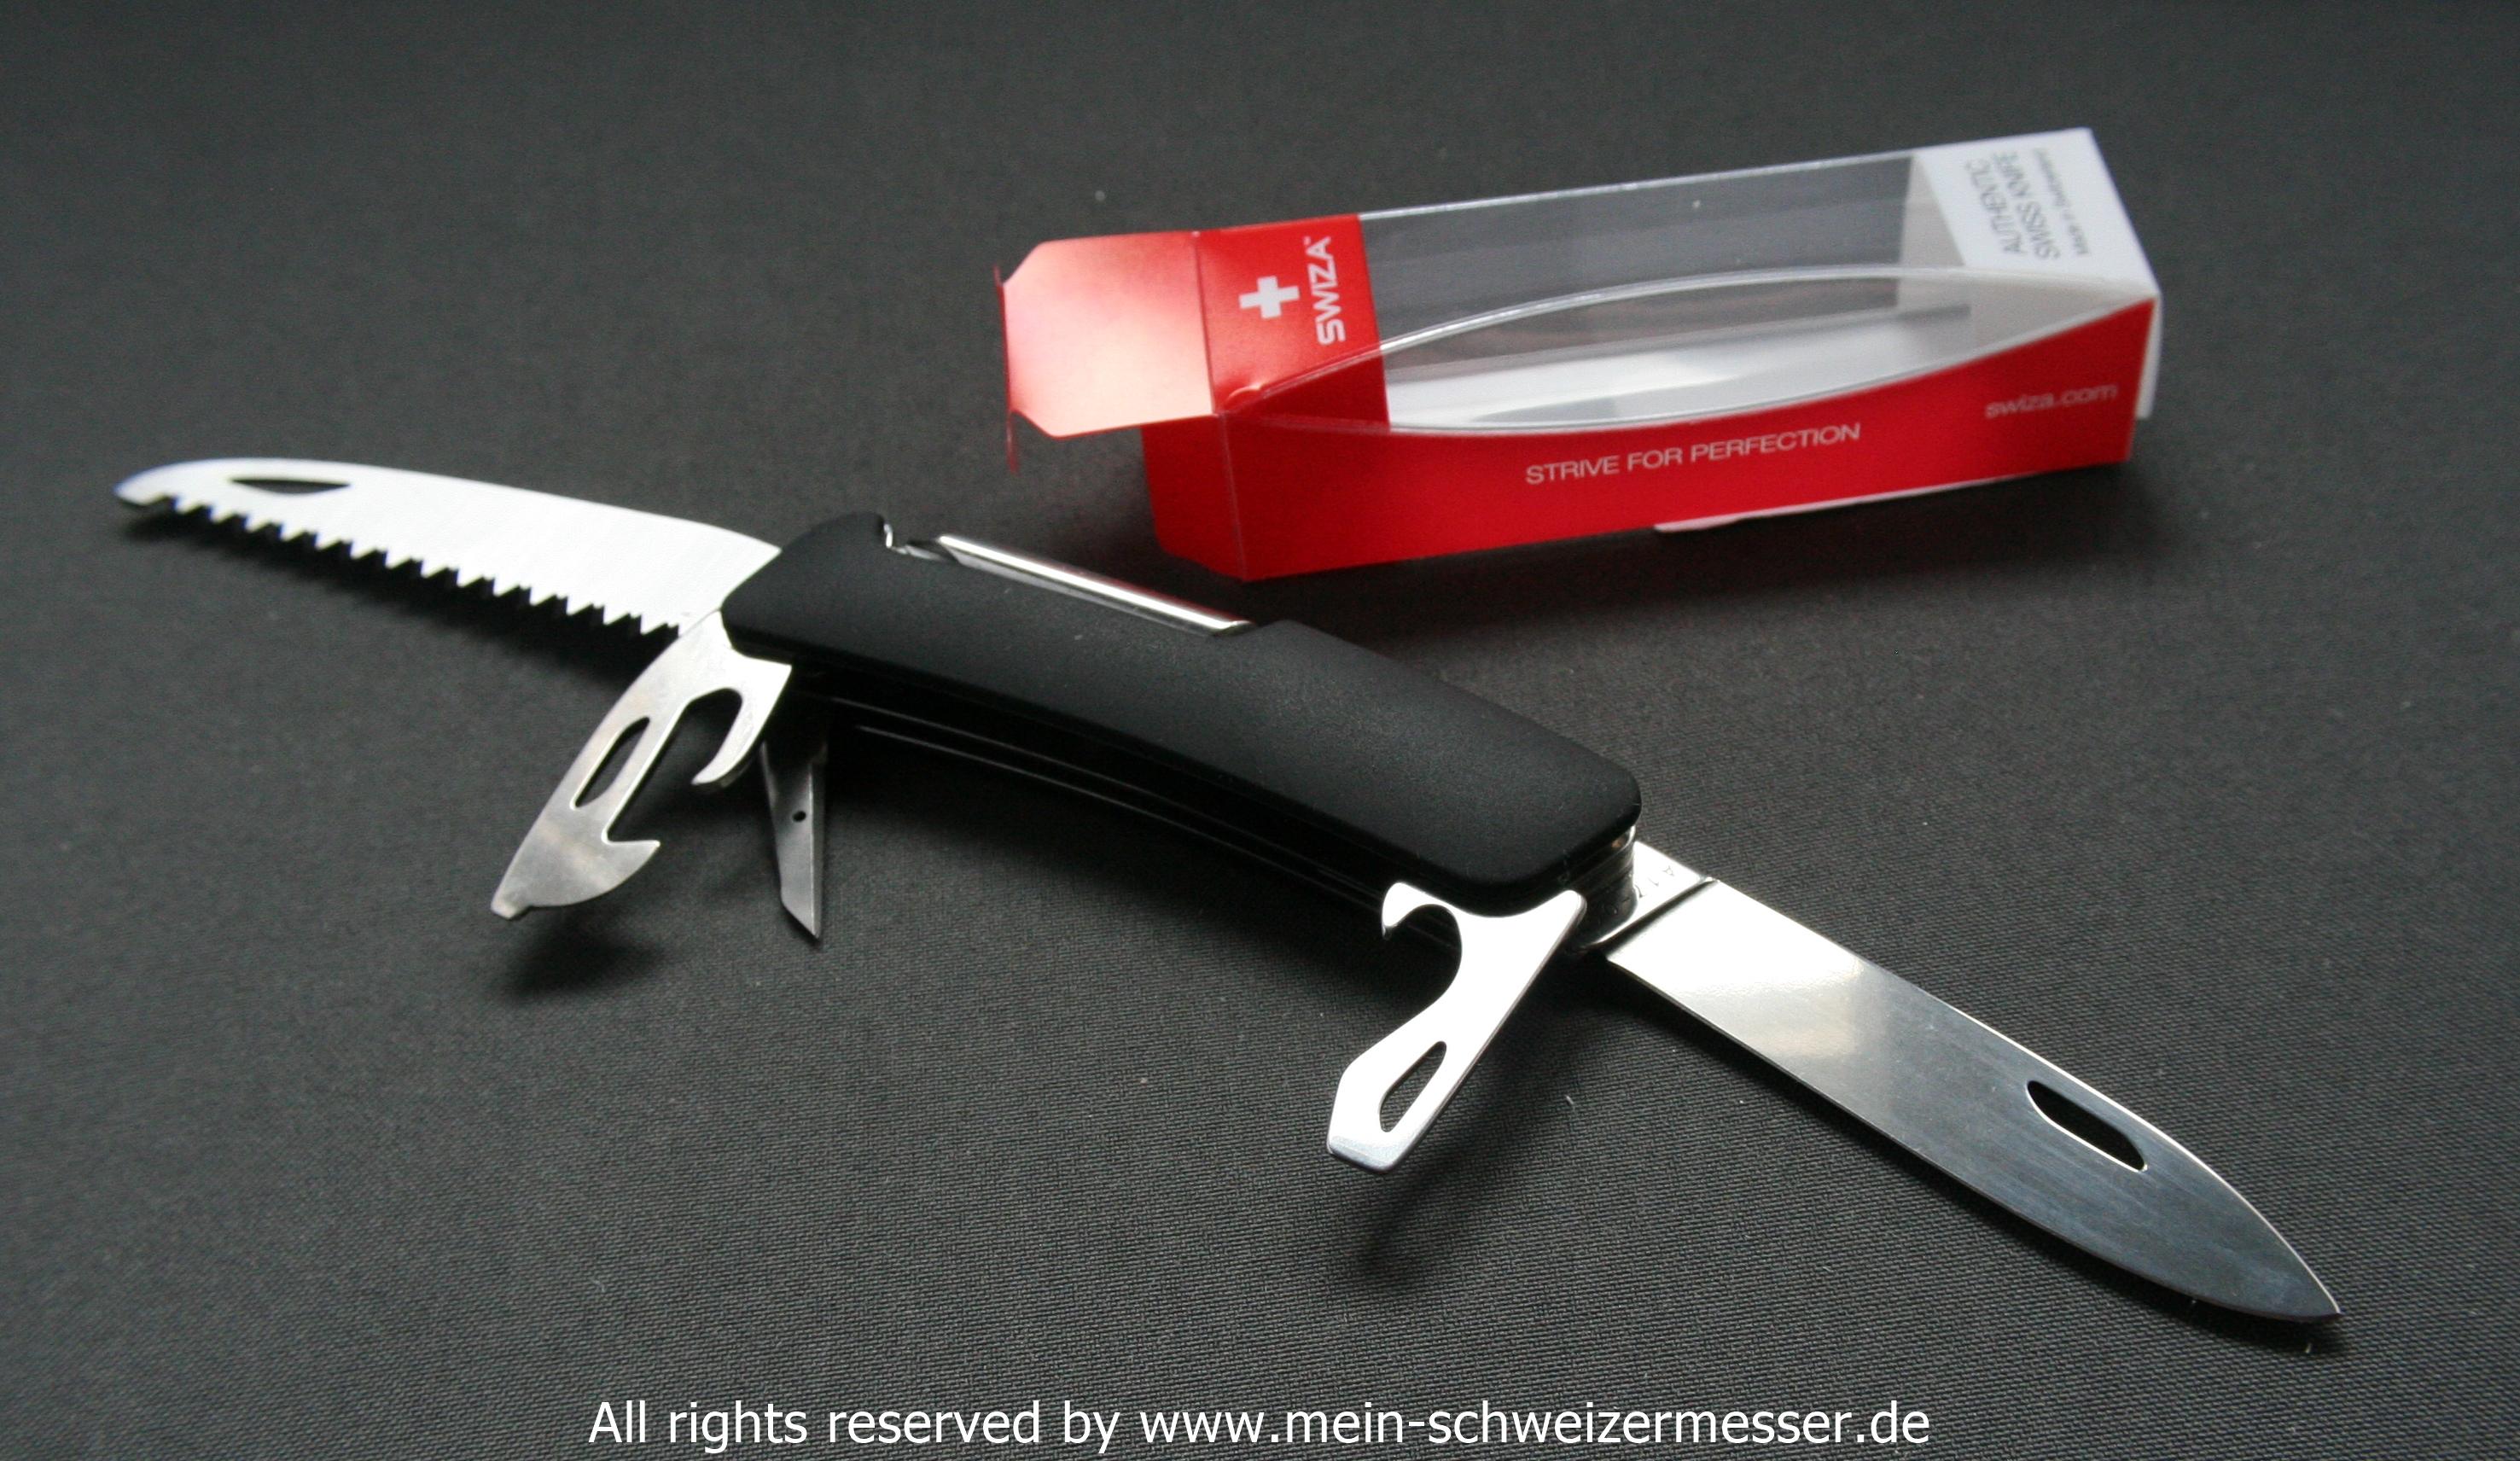 Mein Schweizermesser Swiss Army Knife Swiza Model D06